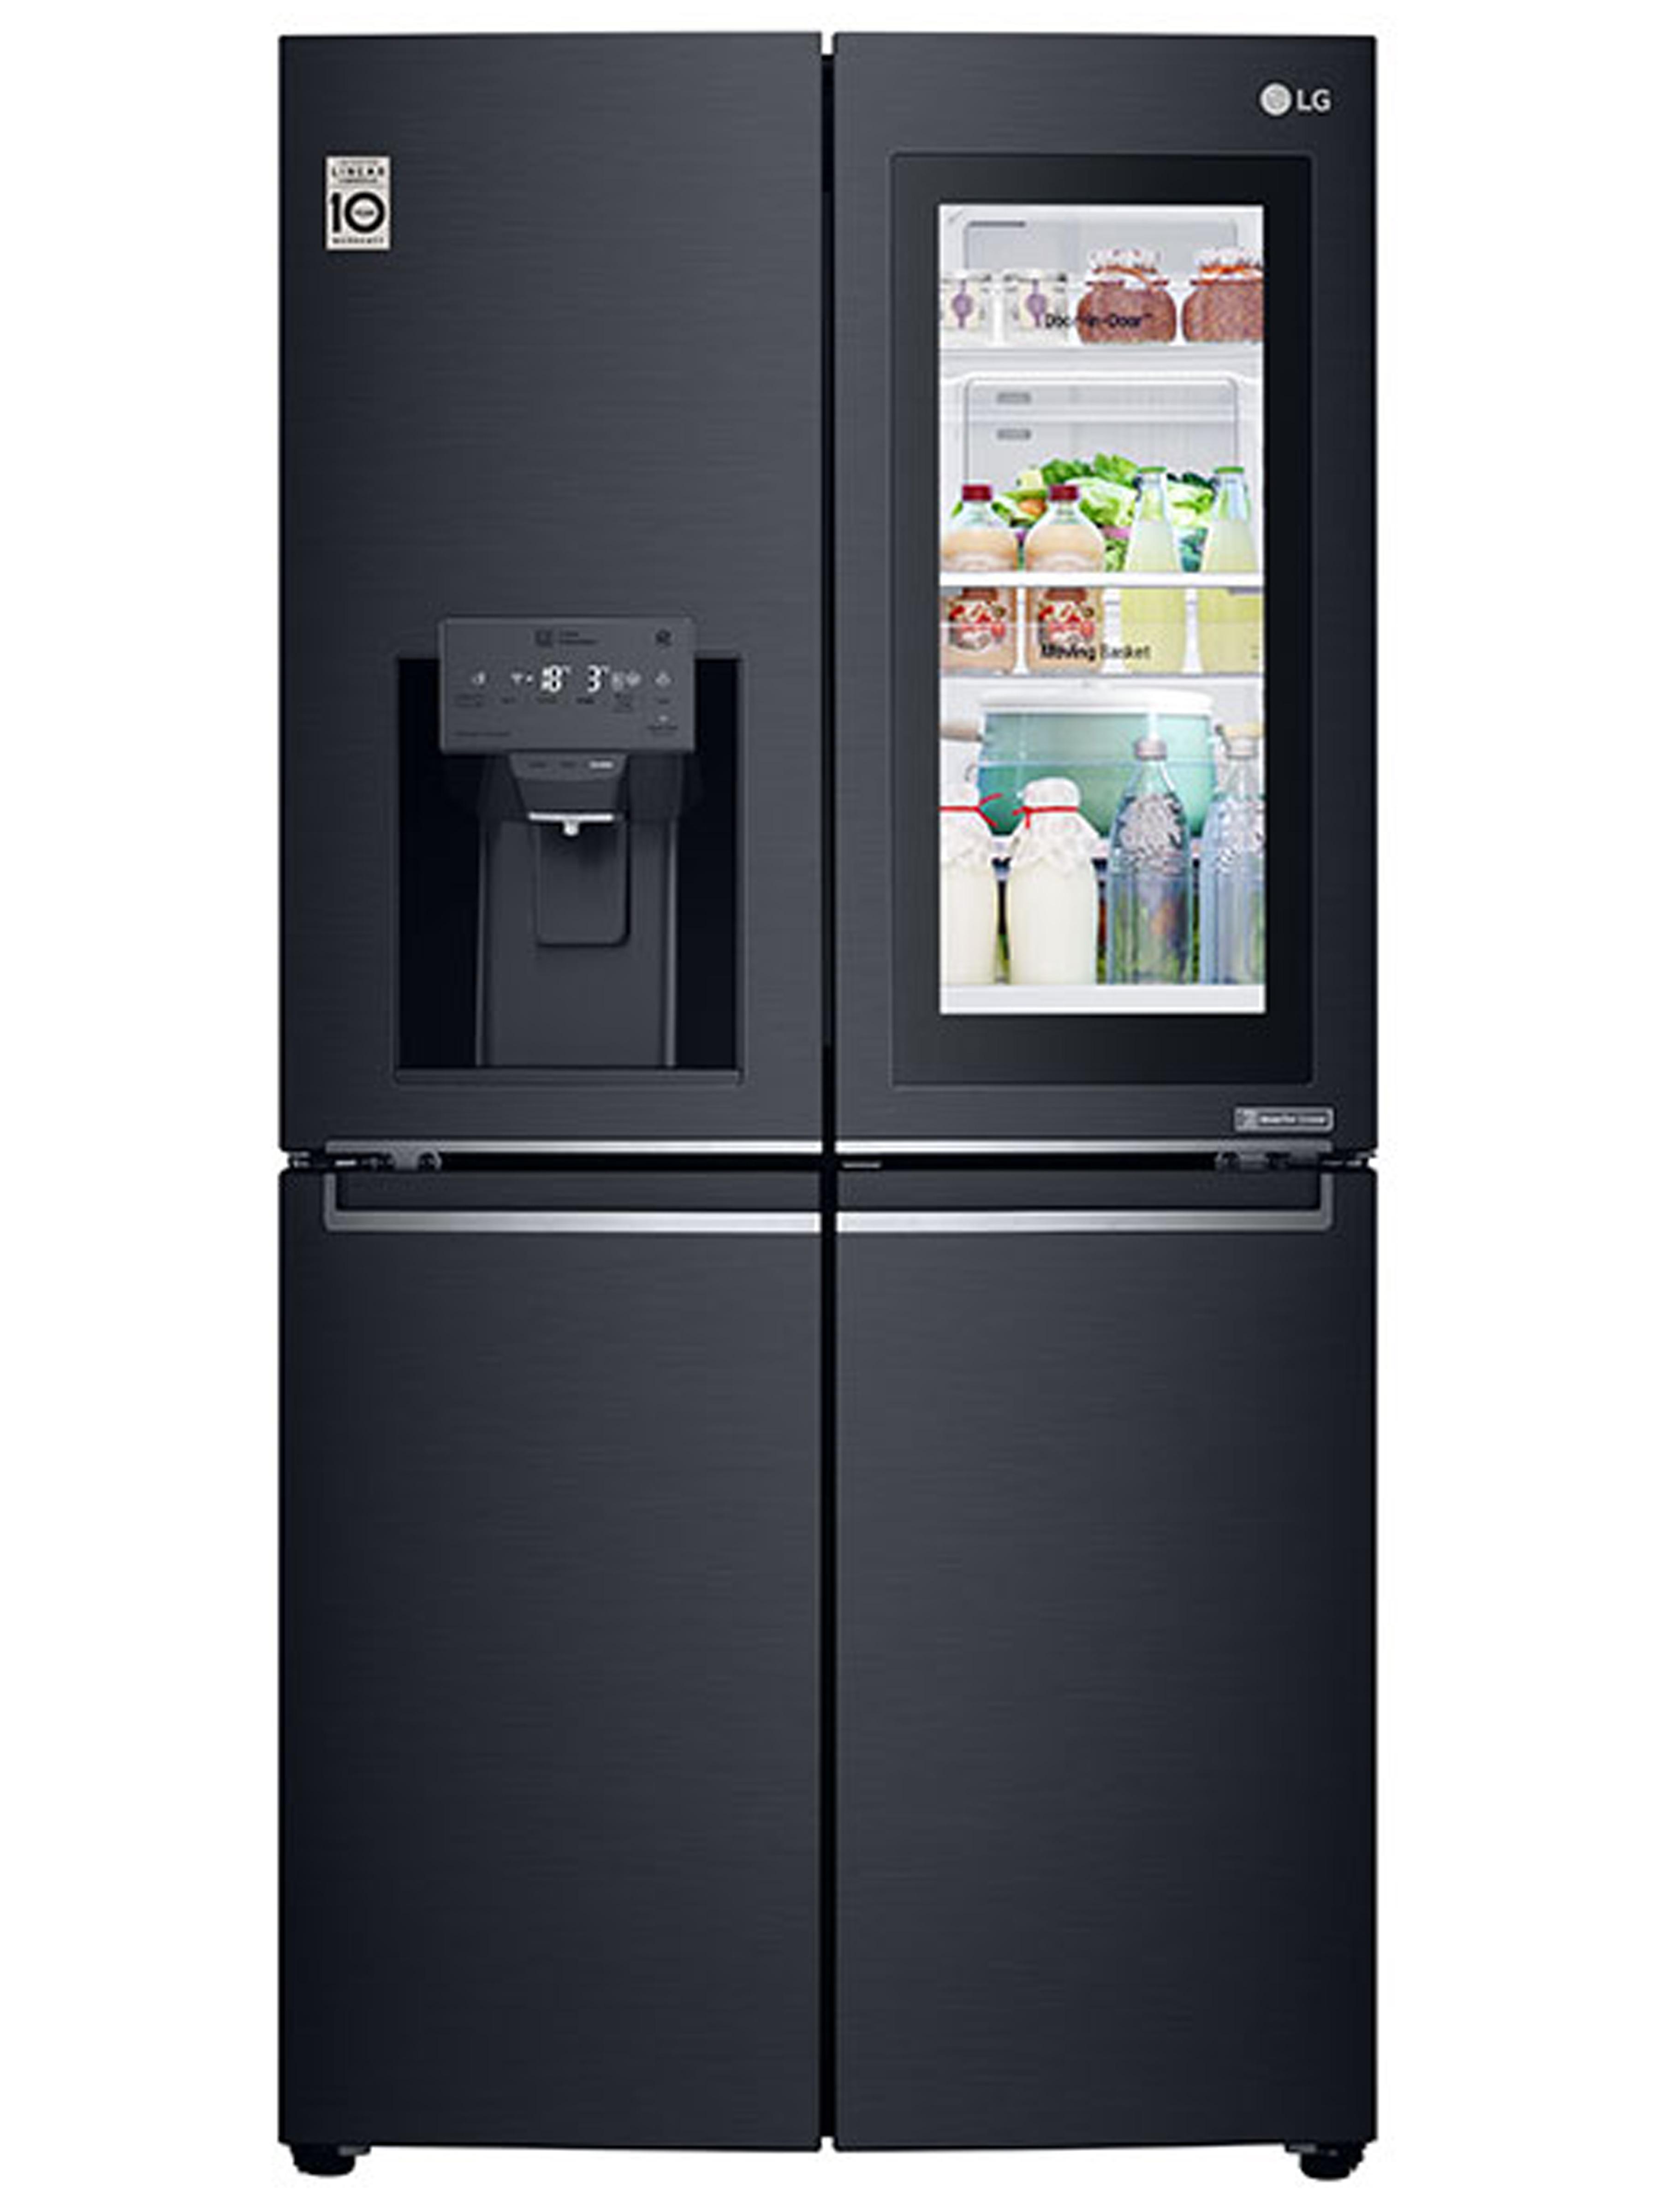 LG amerikaanse koelkast GMK9331MT Instaview zwart